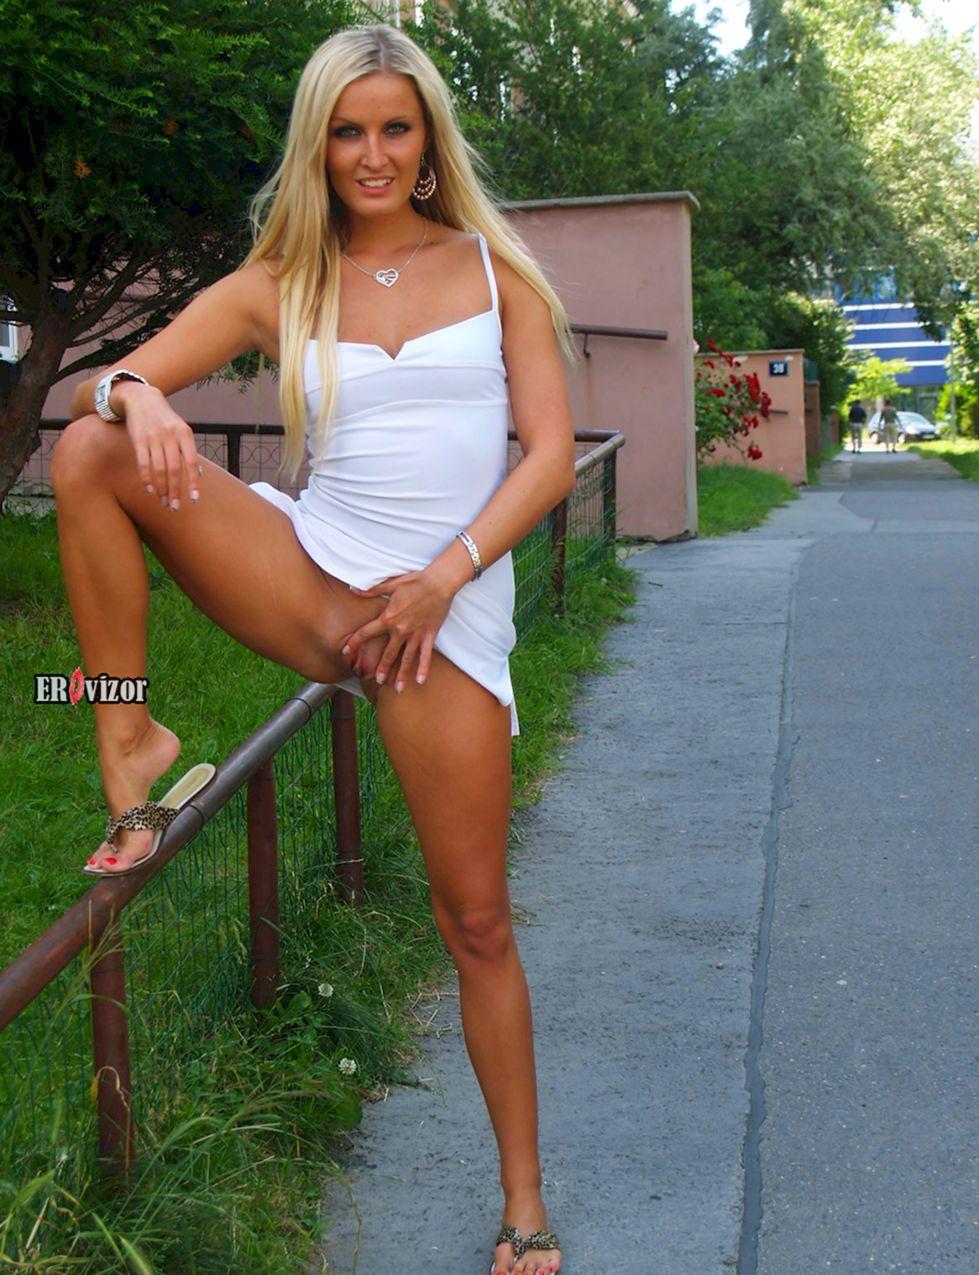 сексуальная блондинка на улице без трусиков в белом платье